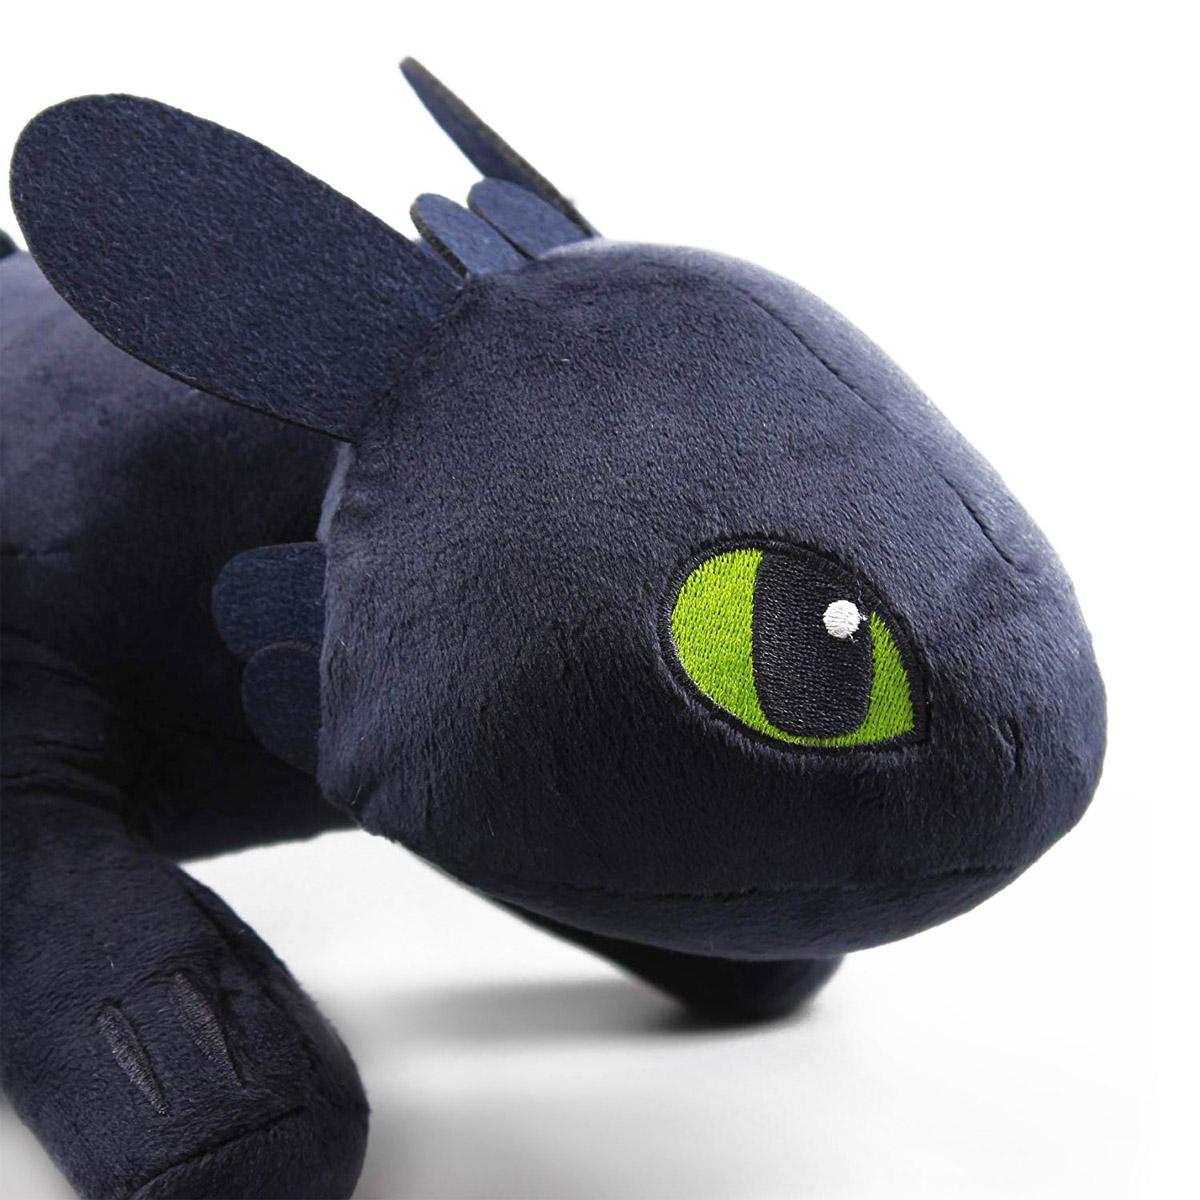 мягкая игрушка беззубик как приручить дракона купить